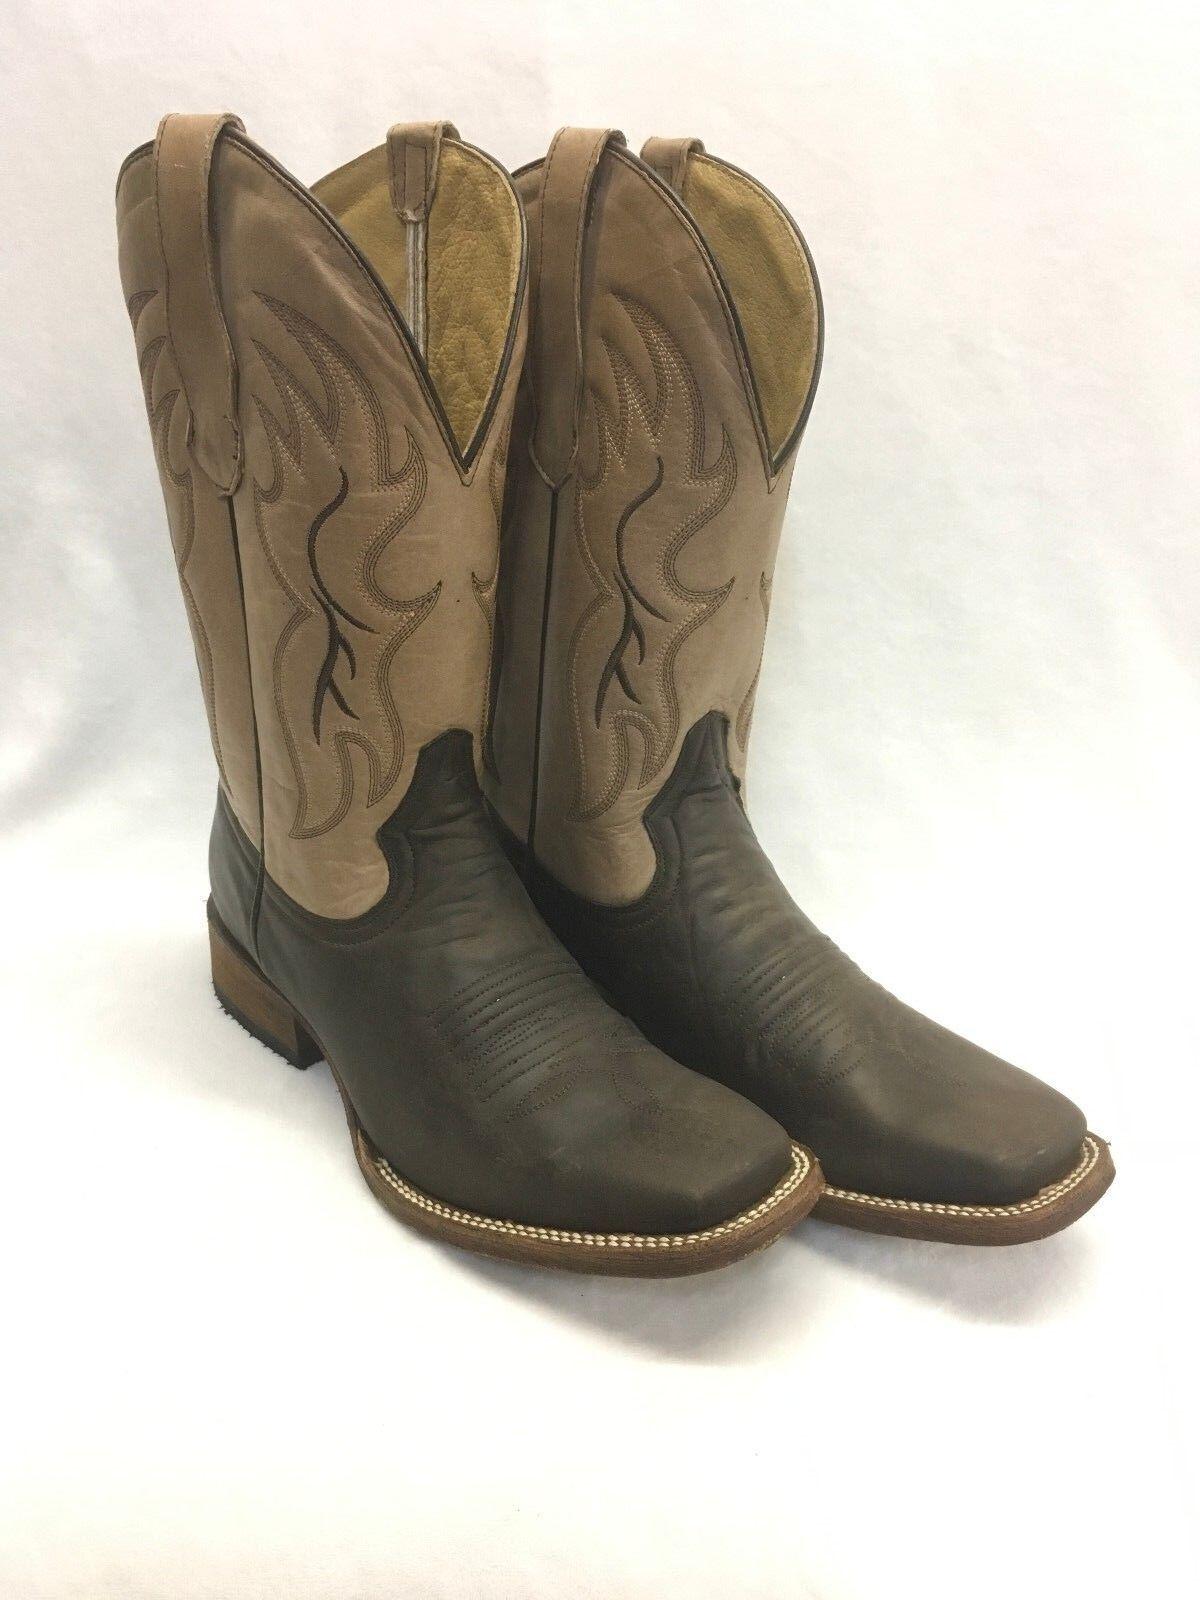 Men's Circle G Boots-Tobacco Cognac Style L5095